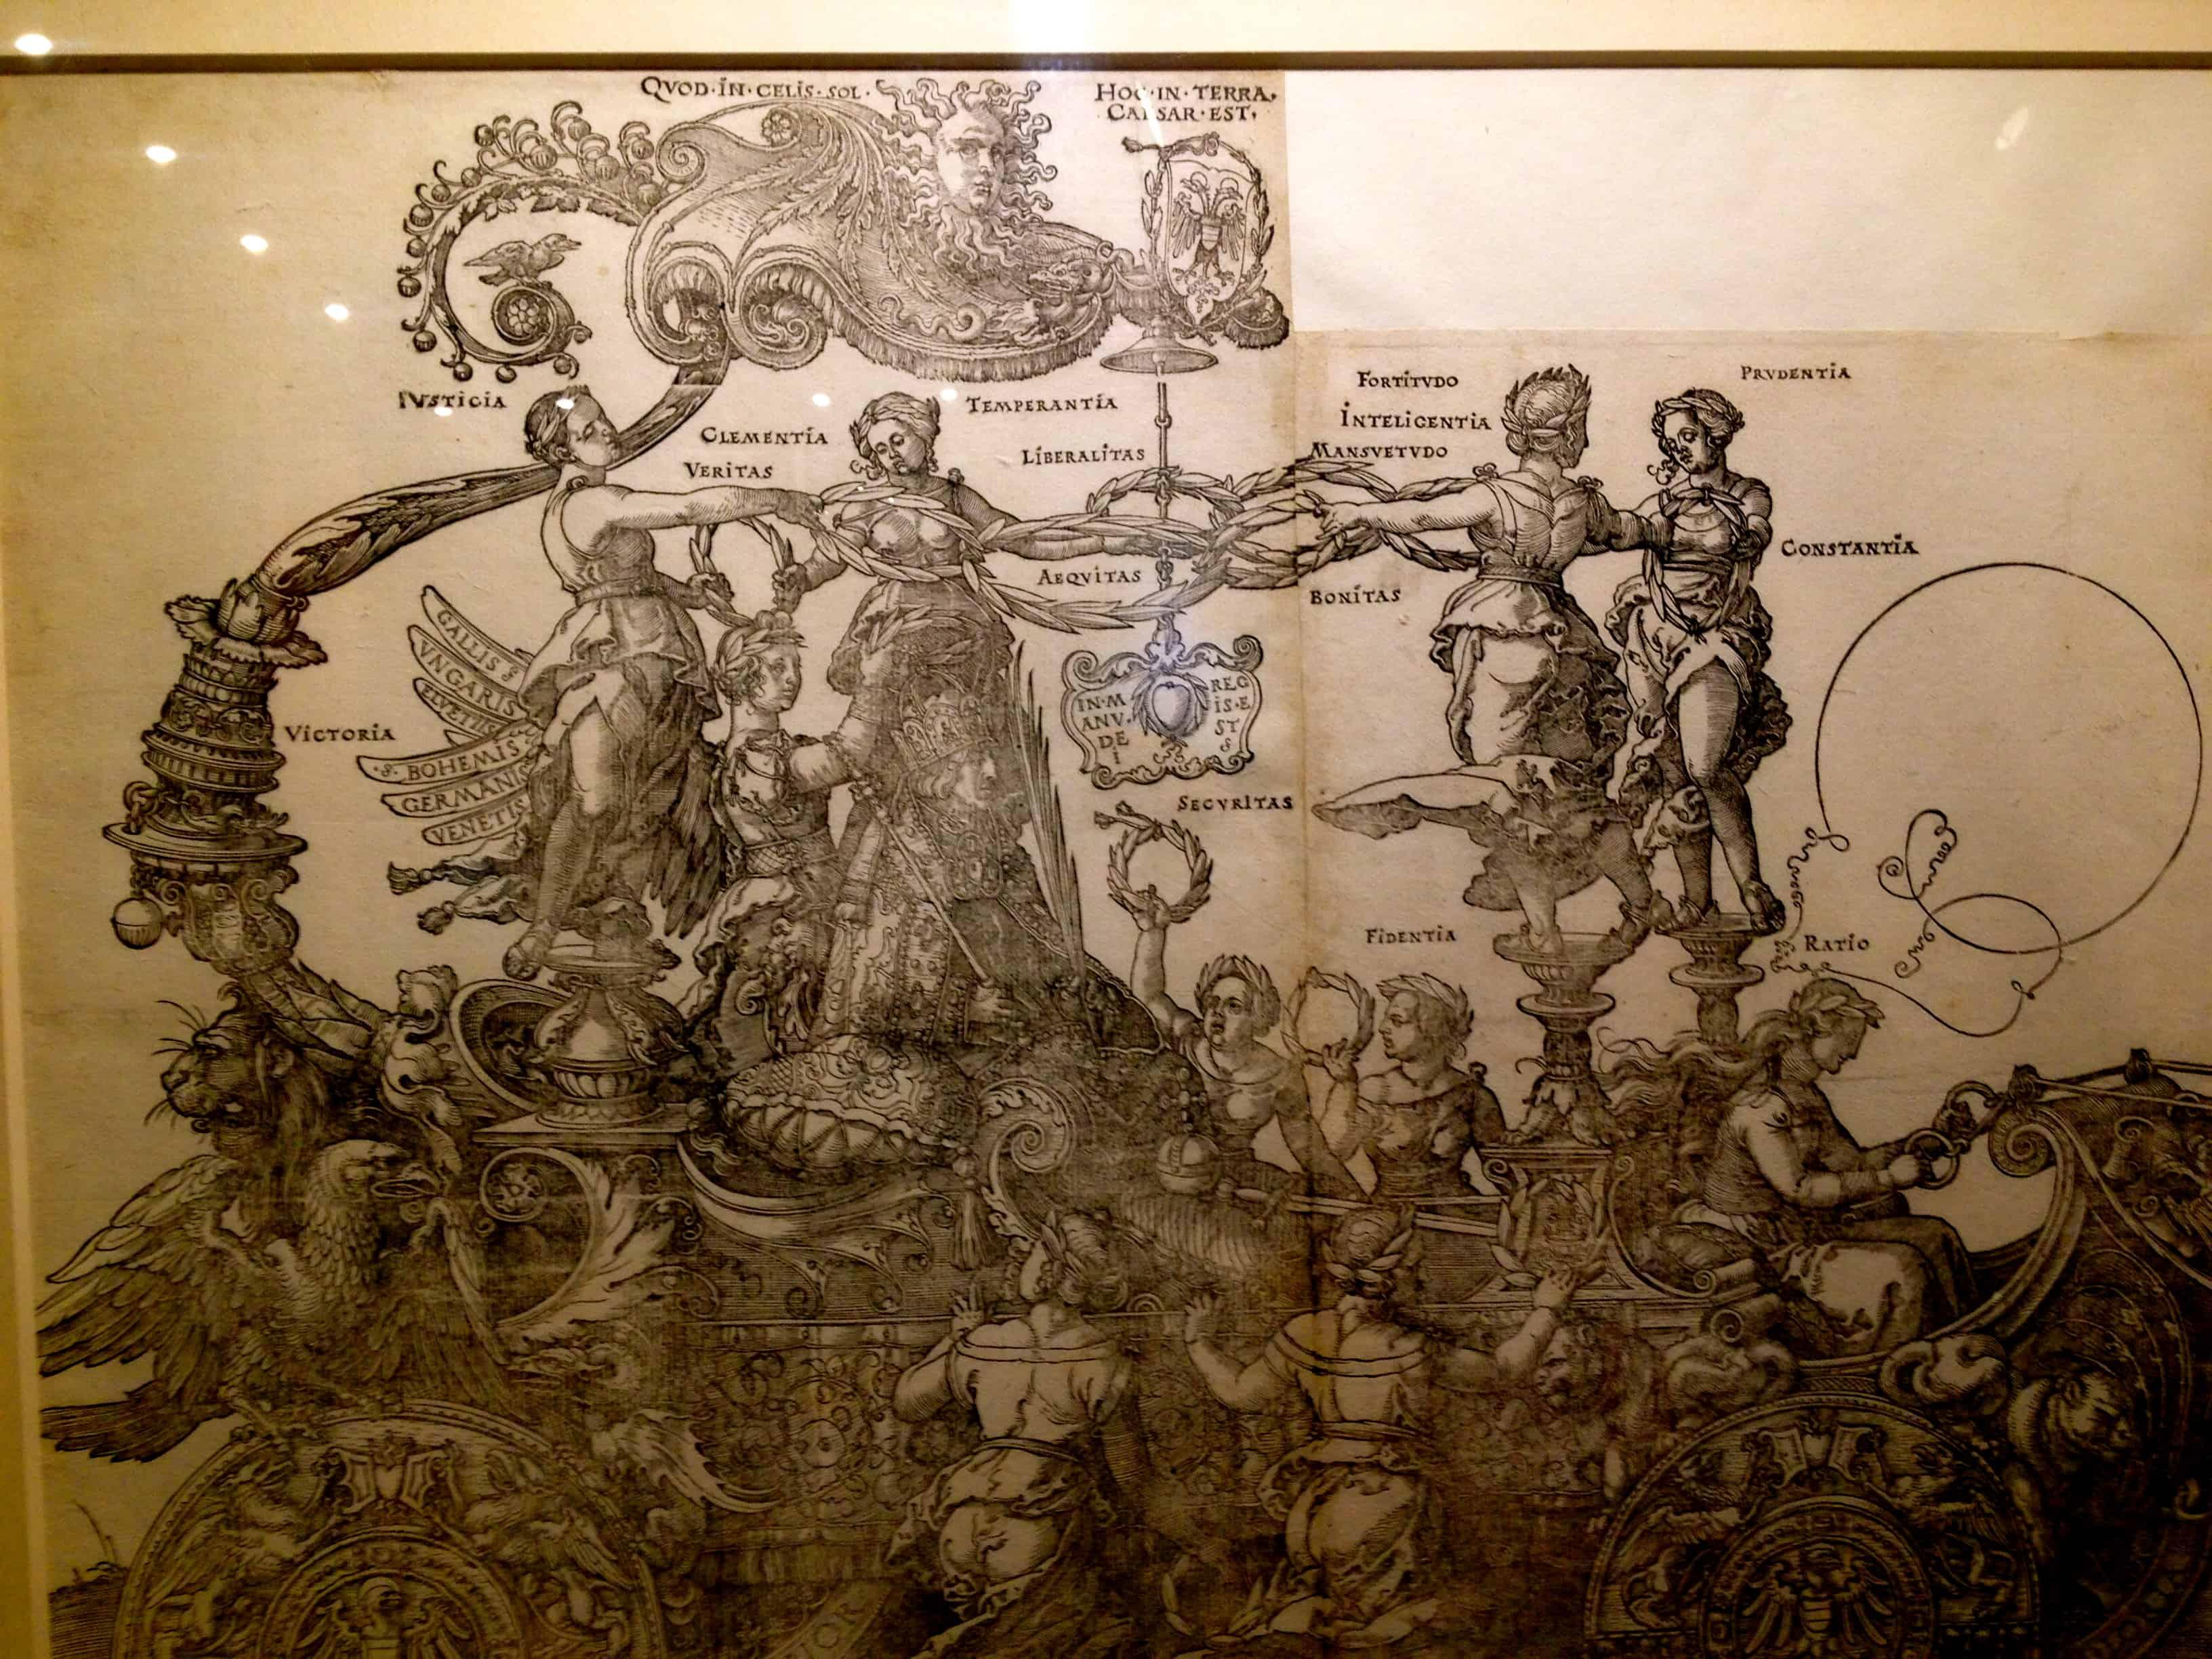 Albrecht Drer Exhibit Sheds Light On Art Renaissance And The